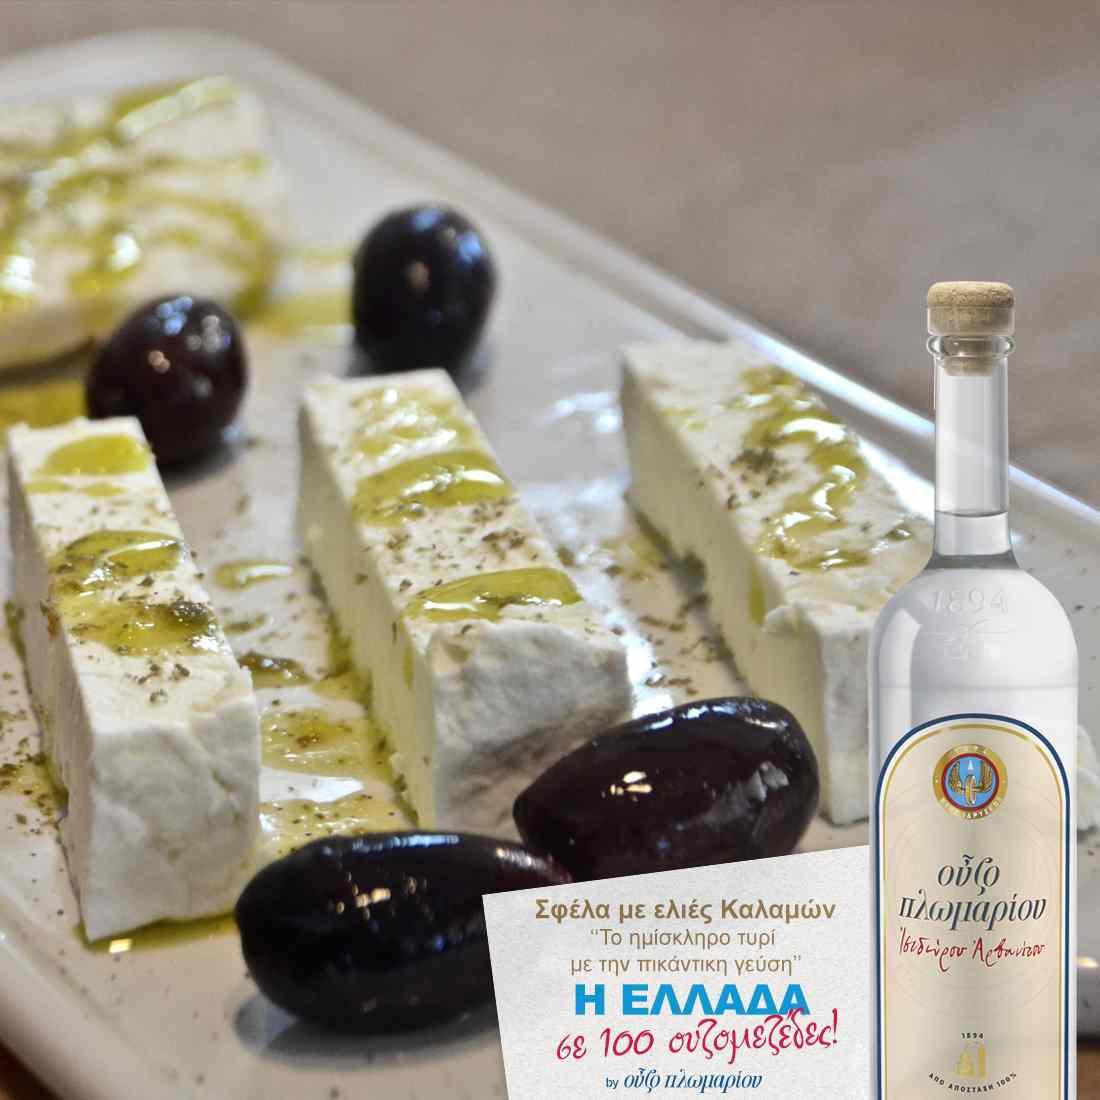 Σφέλα με ελιές Καλαμών - Ουζομεζέδες - Greek Gastronomy Guide